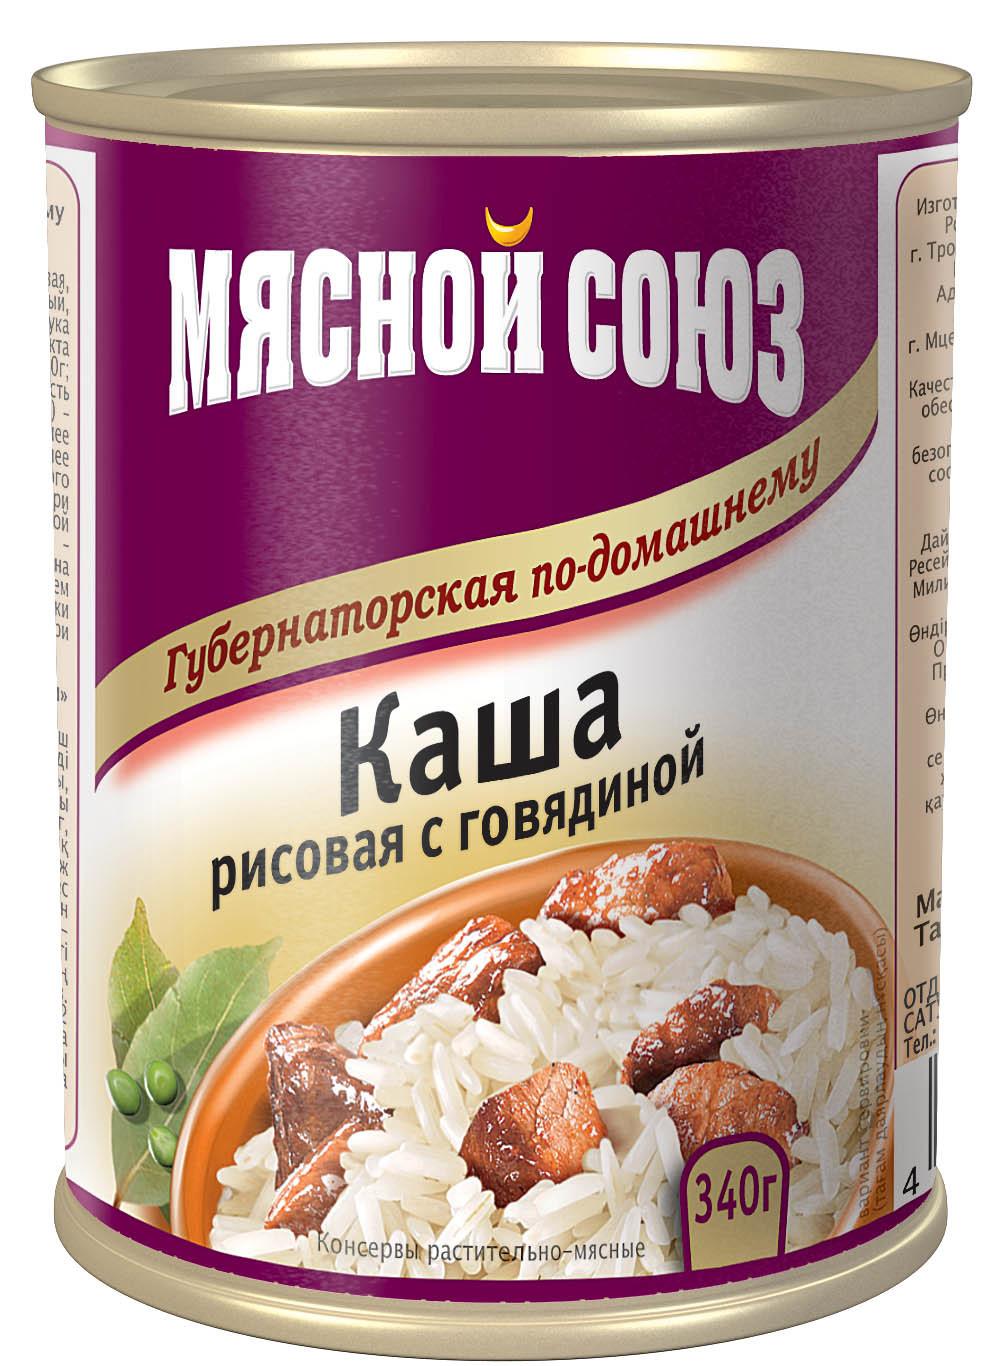 Каша рисовая с говядиной 340 гр,